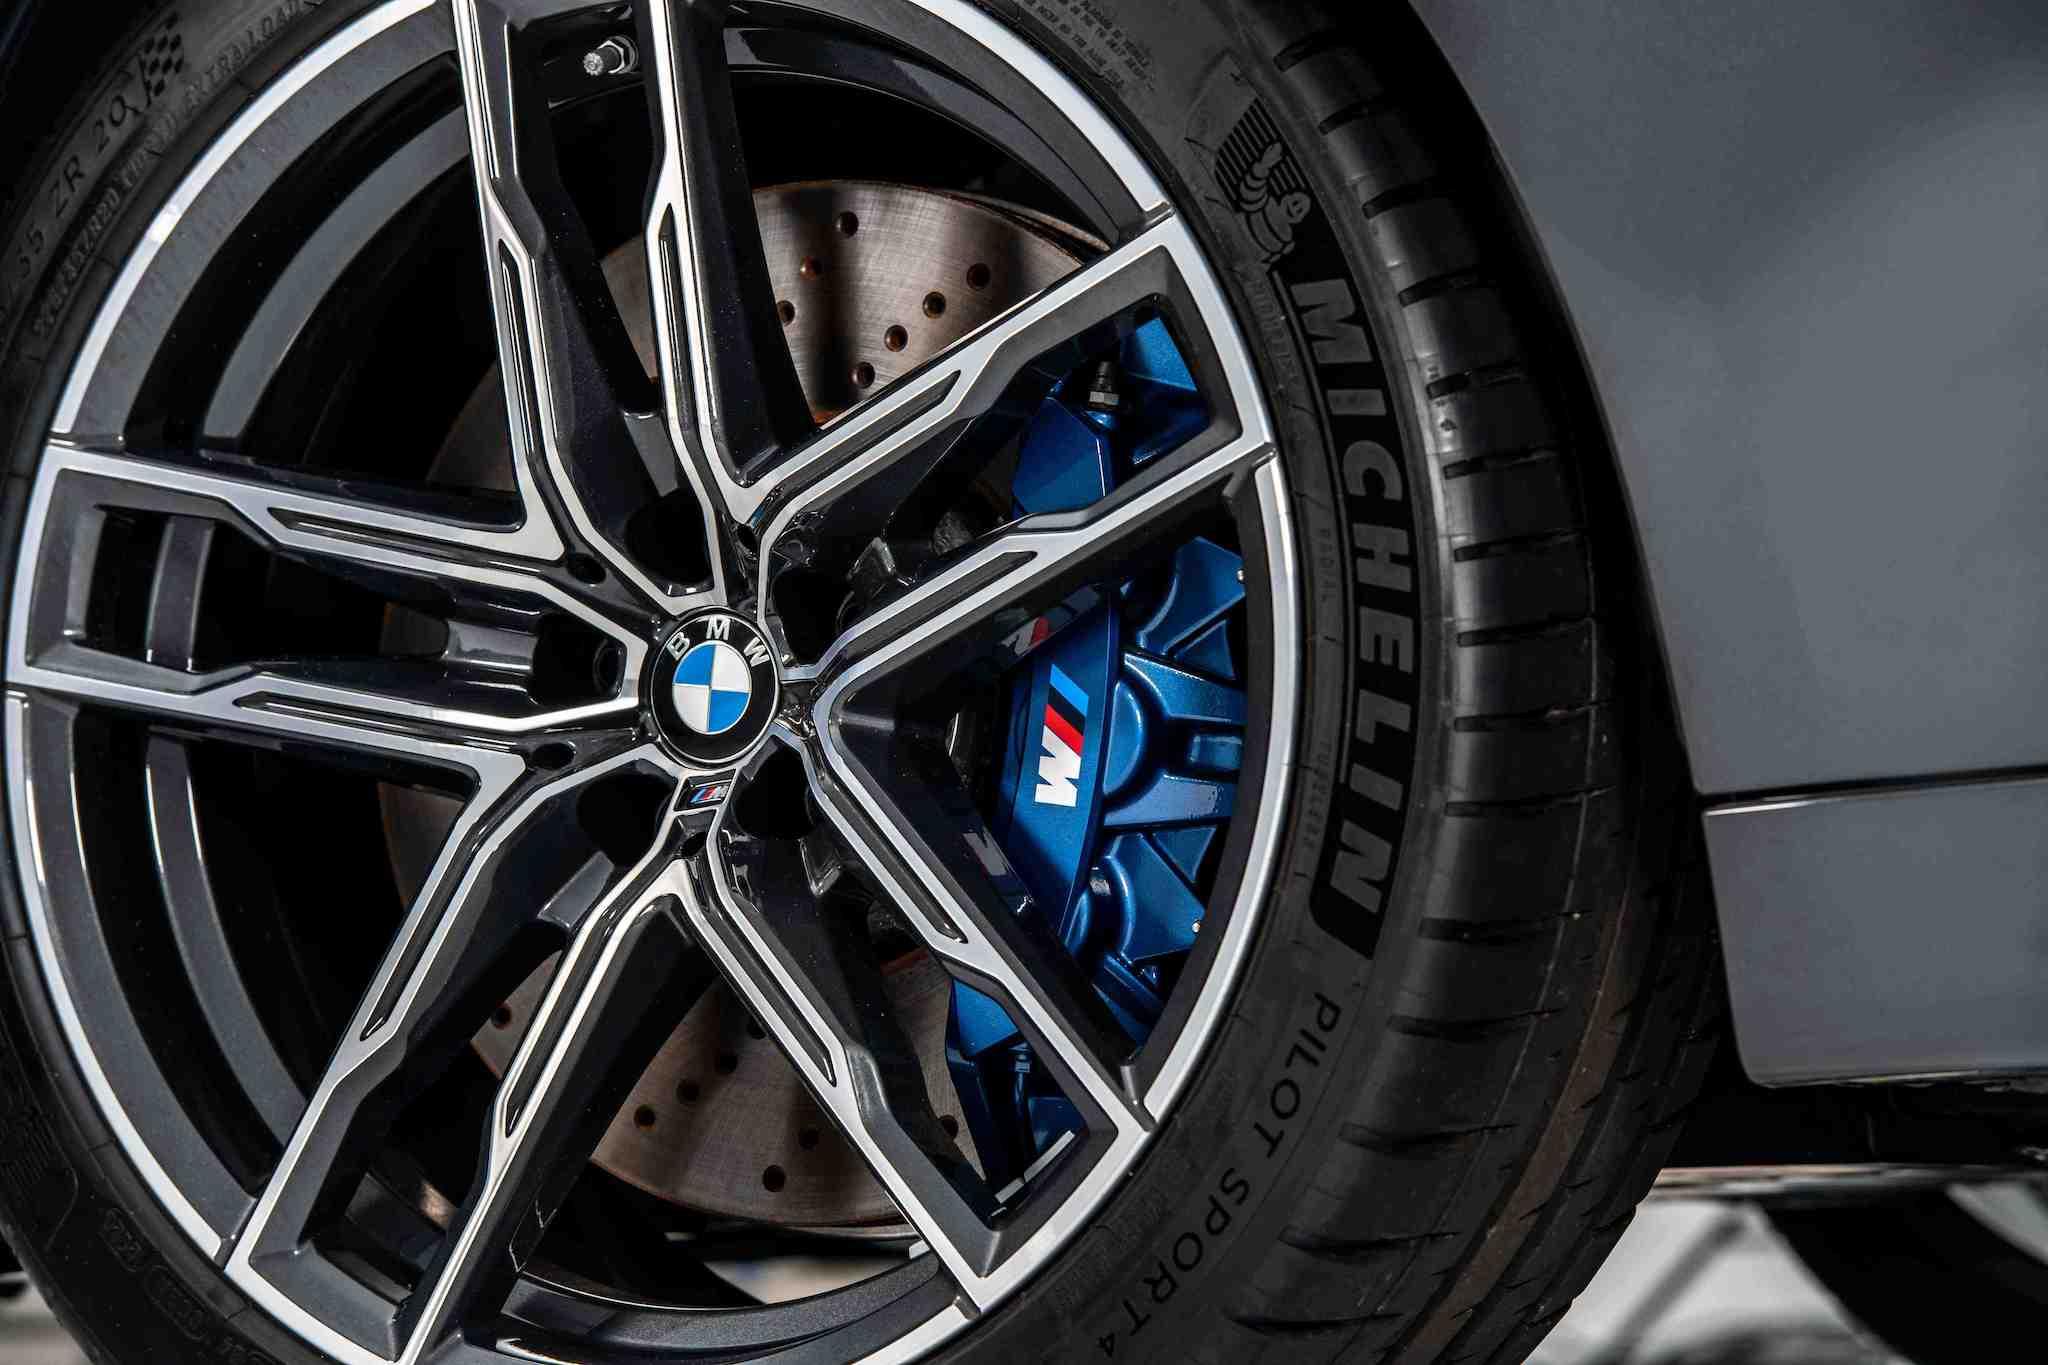 全新 BMW M5 Racing Package 標準配備 20 吋 M 雙輻式輪圈、M 複合式煞車系統與藍色卡鉗。